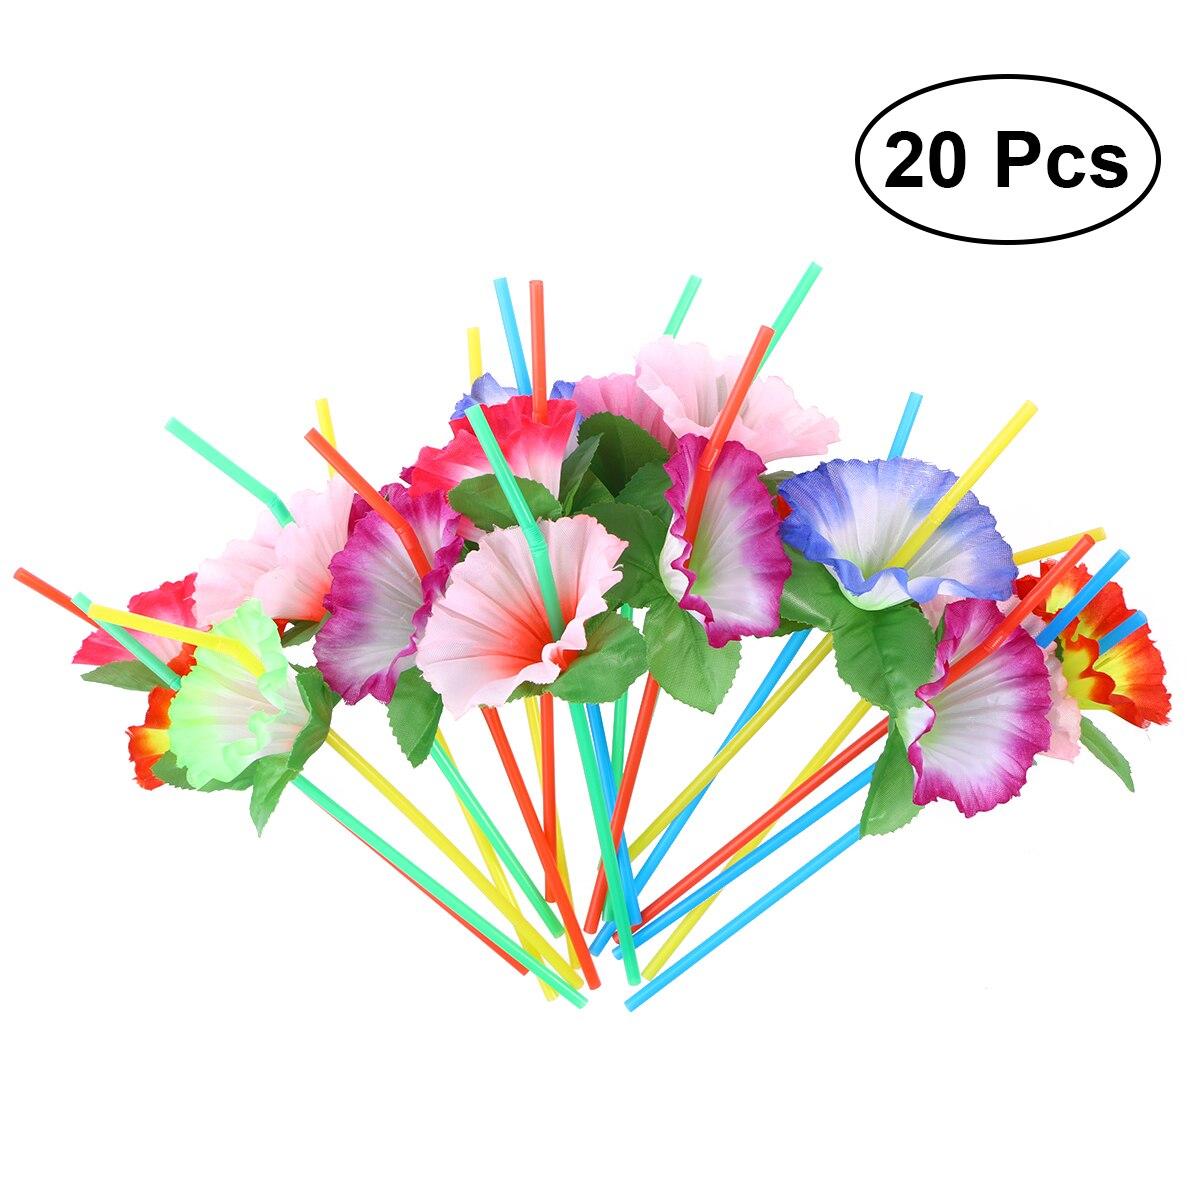 20 pièces fleur Flexible pliable pailles à boire décoratif jetable pailles fête Table décor pour mariage anniversaire noël Fes